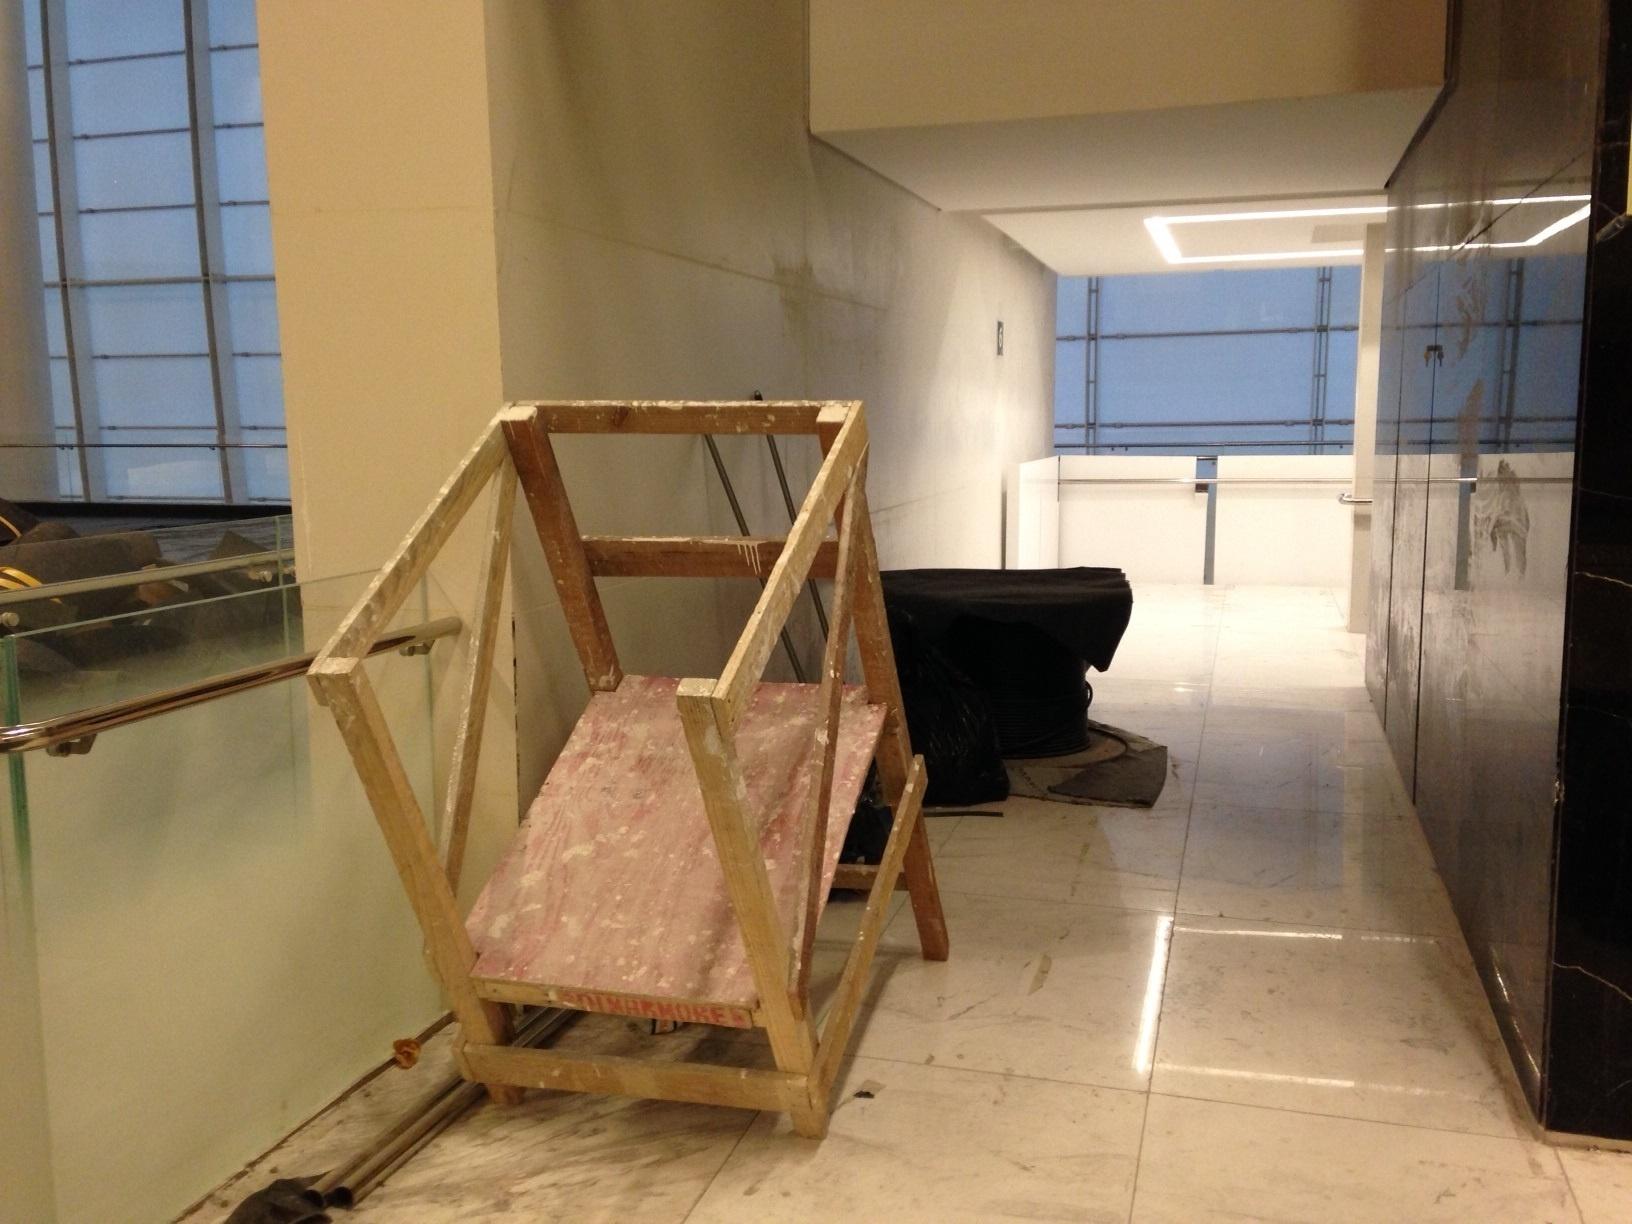 18.mai.2014 - Interior do Itaquerão ainda tem uma série de equipamentos e elementos que mostram que a obra não está concluída.